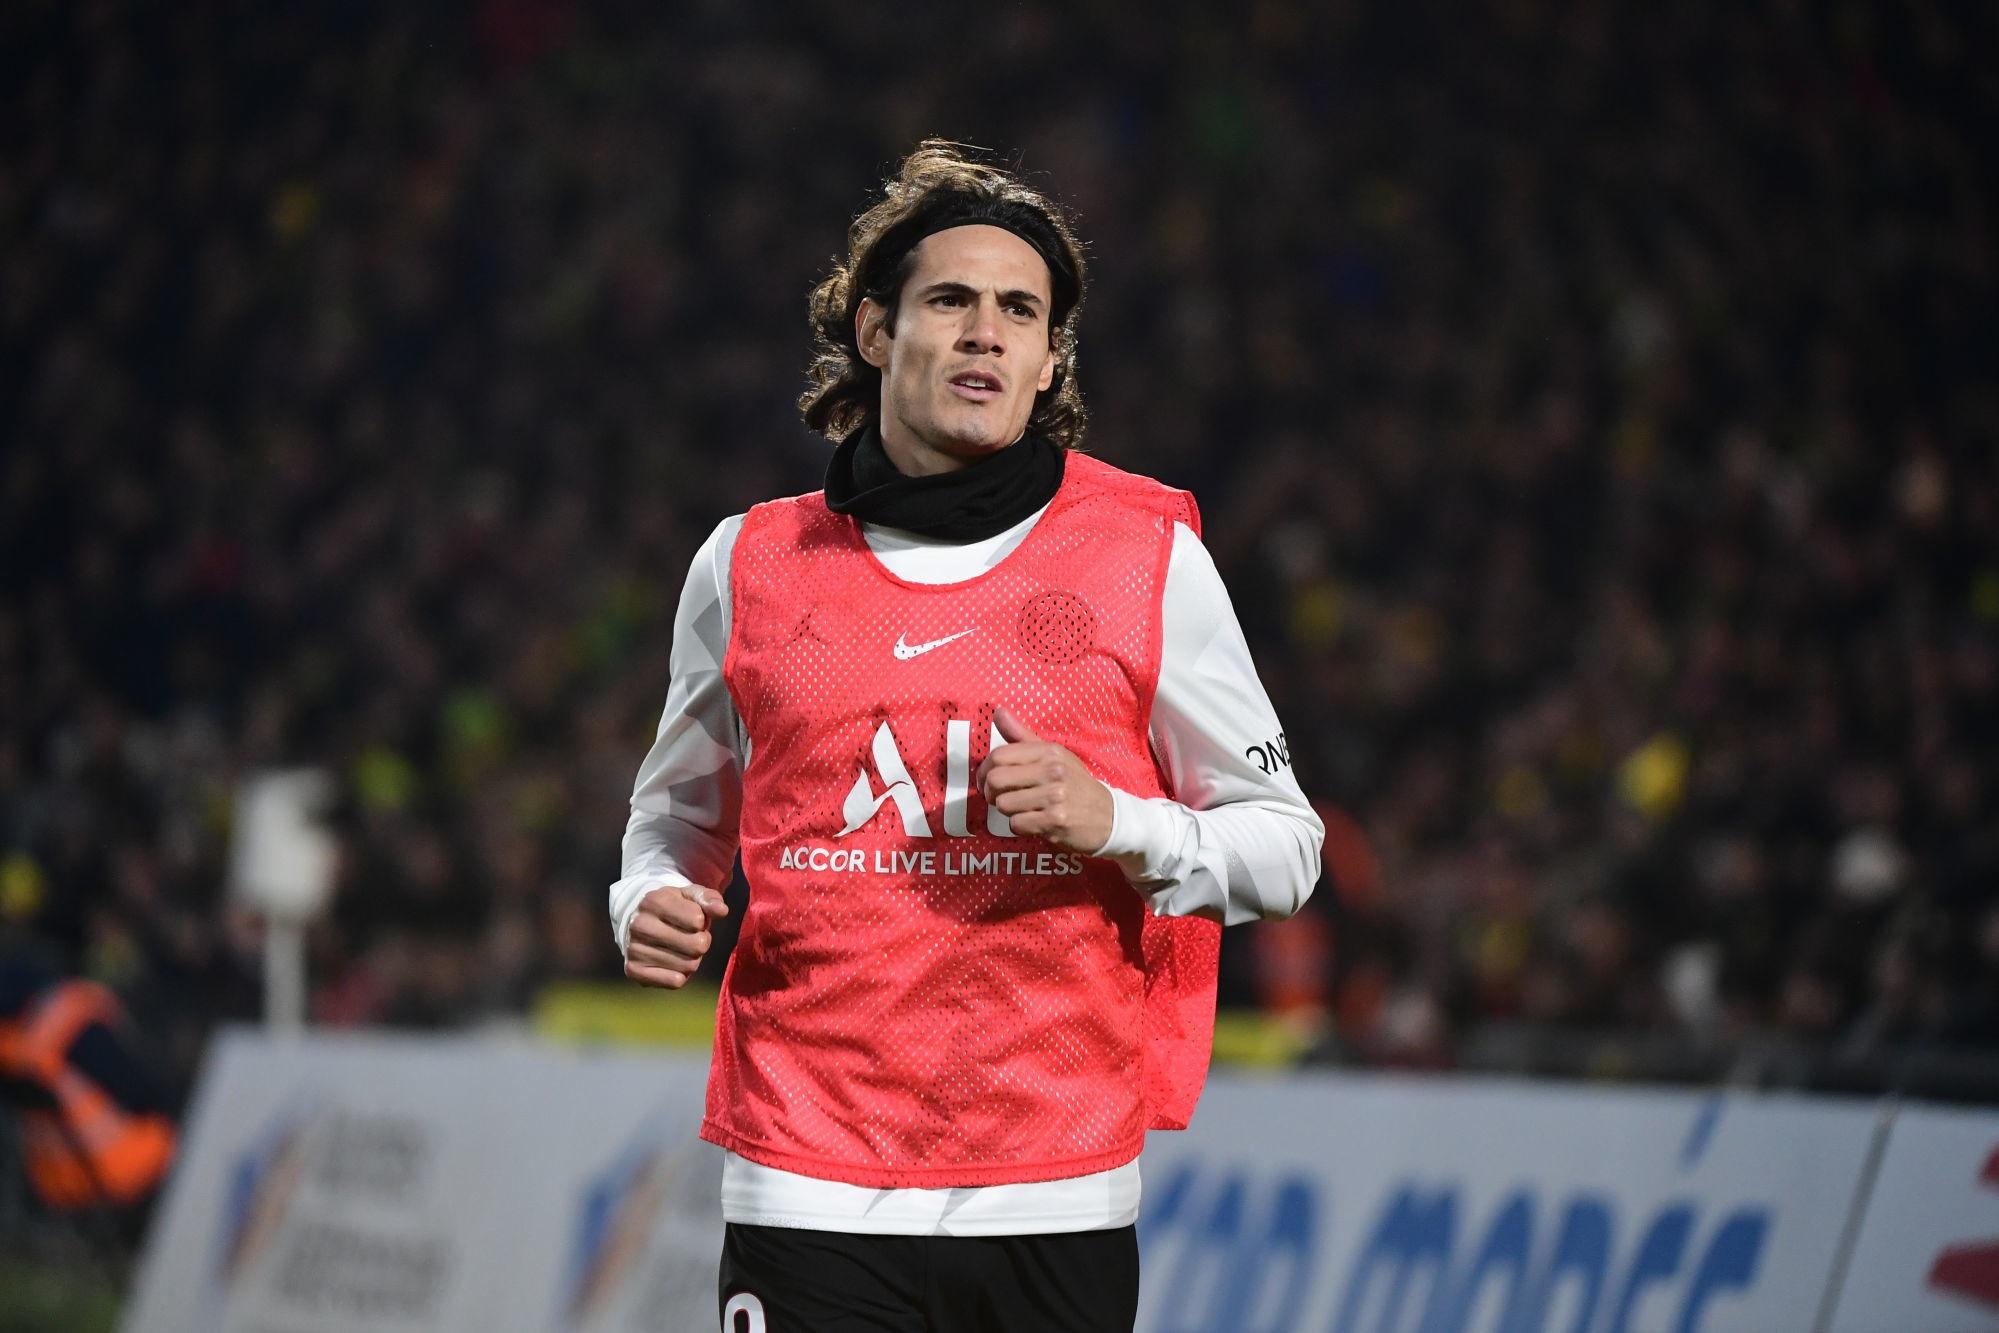 Mercato - Cavani en voyage vers le Portugal pour signer au Benfica, selon Renascença